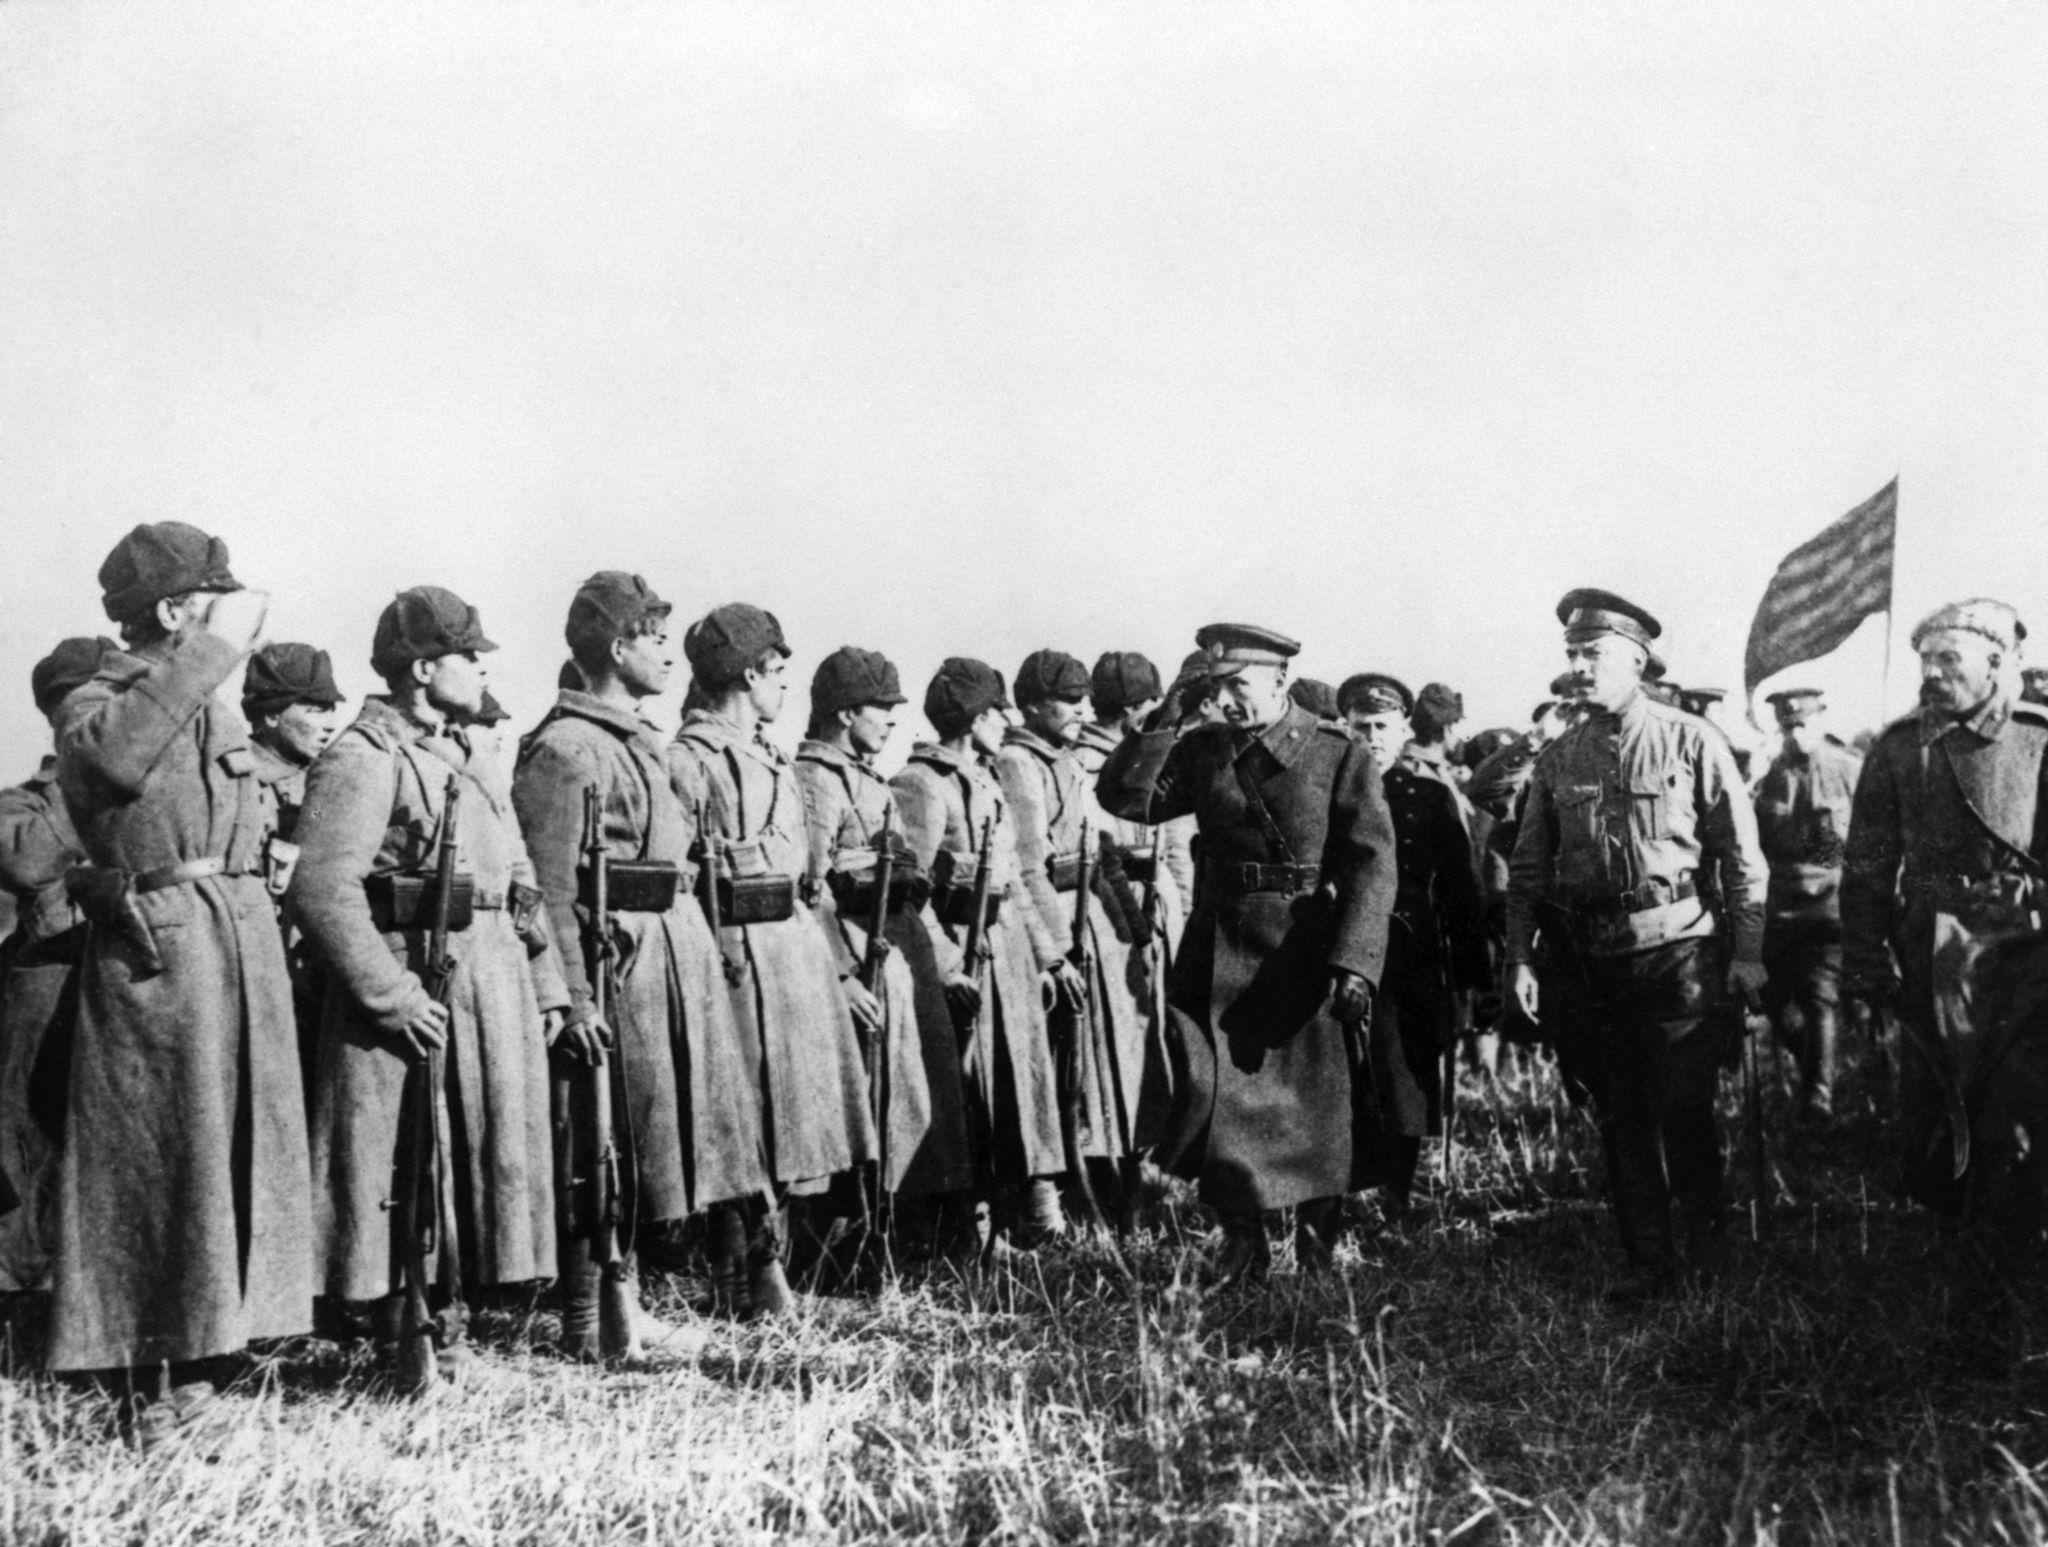 Адмирал Колчак среди солдат на фронте